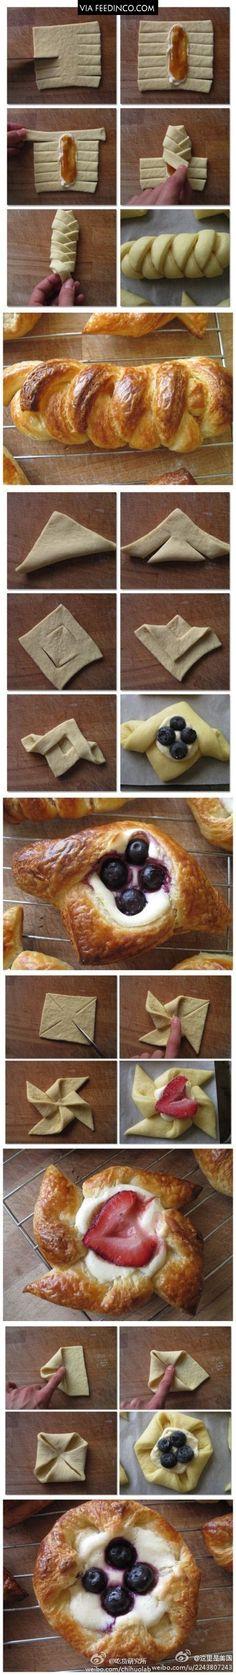 Pastry folding 101 - Blätterteig falten